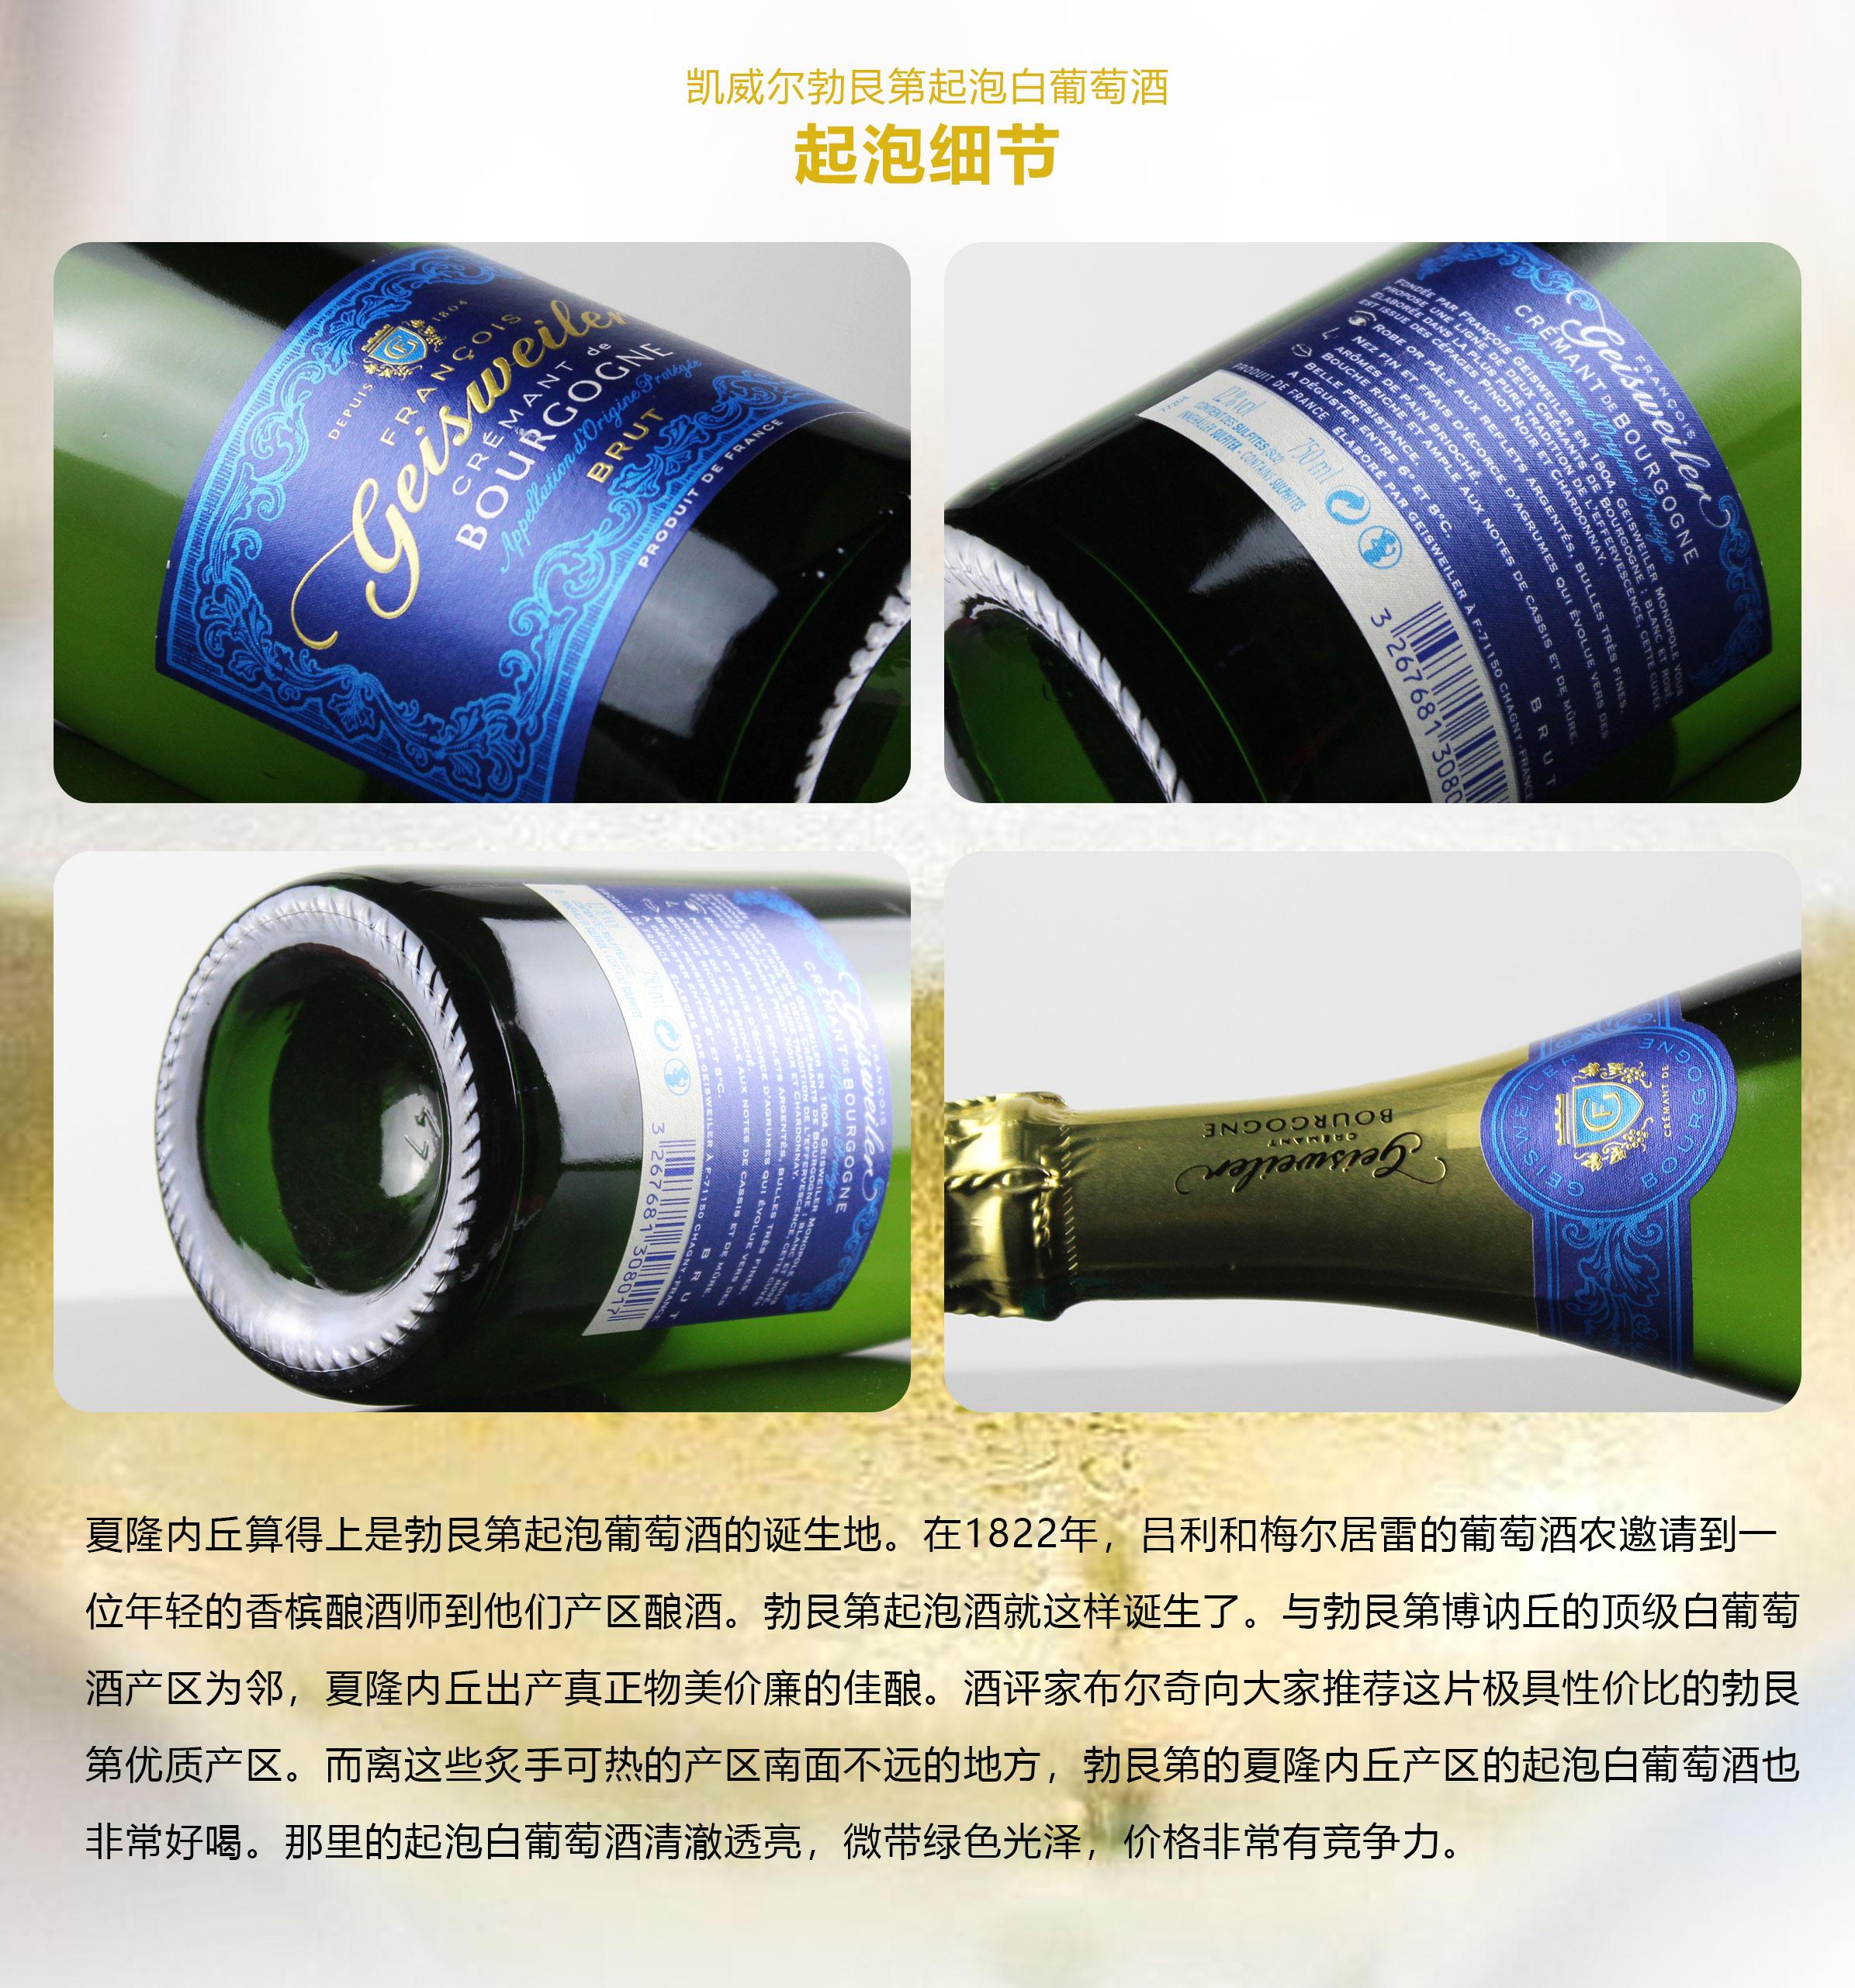 勃艮第 佛山源头葡萄酒